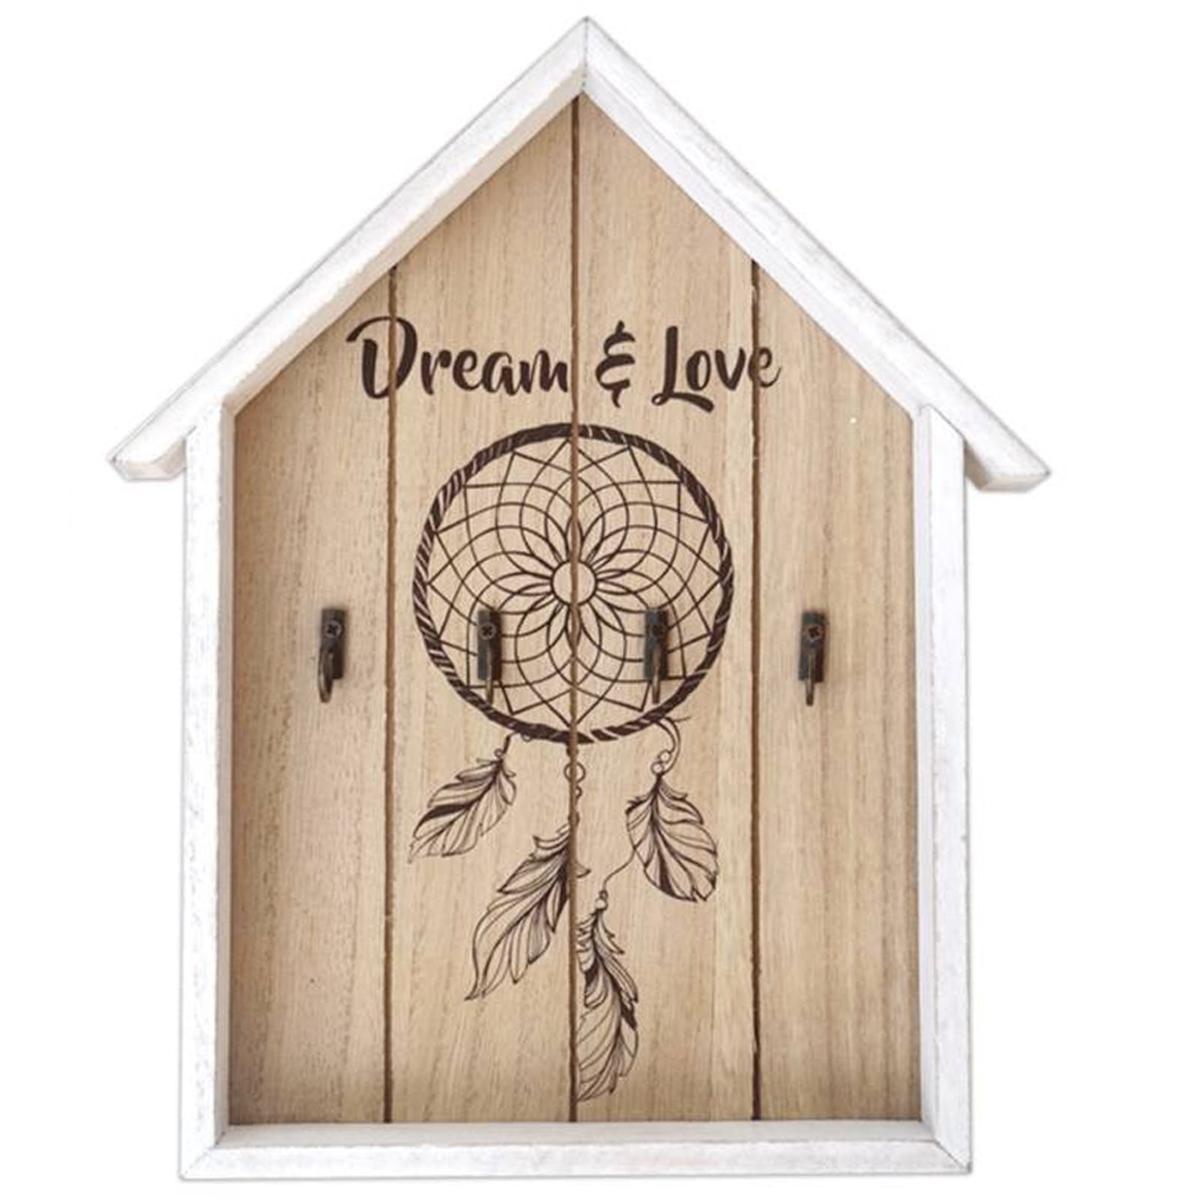 Boite à clés bois \'Boho\' blanc beige (dreamcatcher - dream &love) - 305x24x35 cm - [P8815]